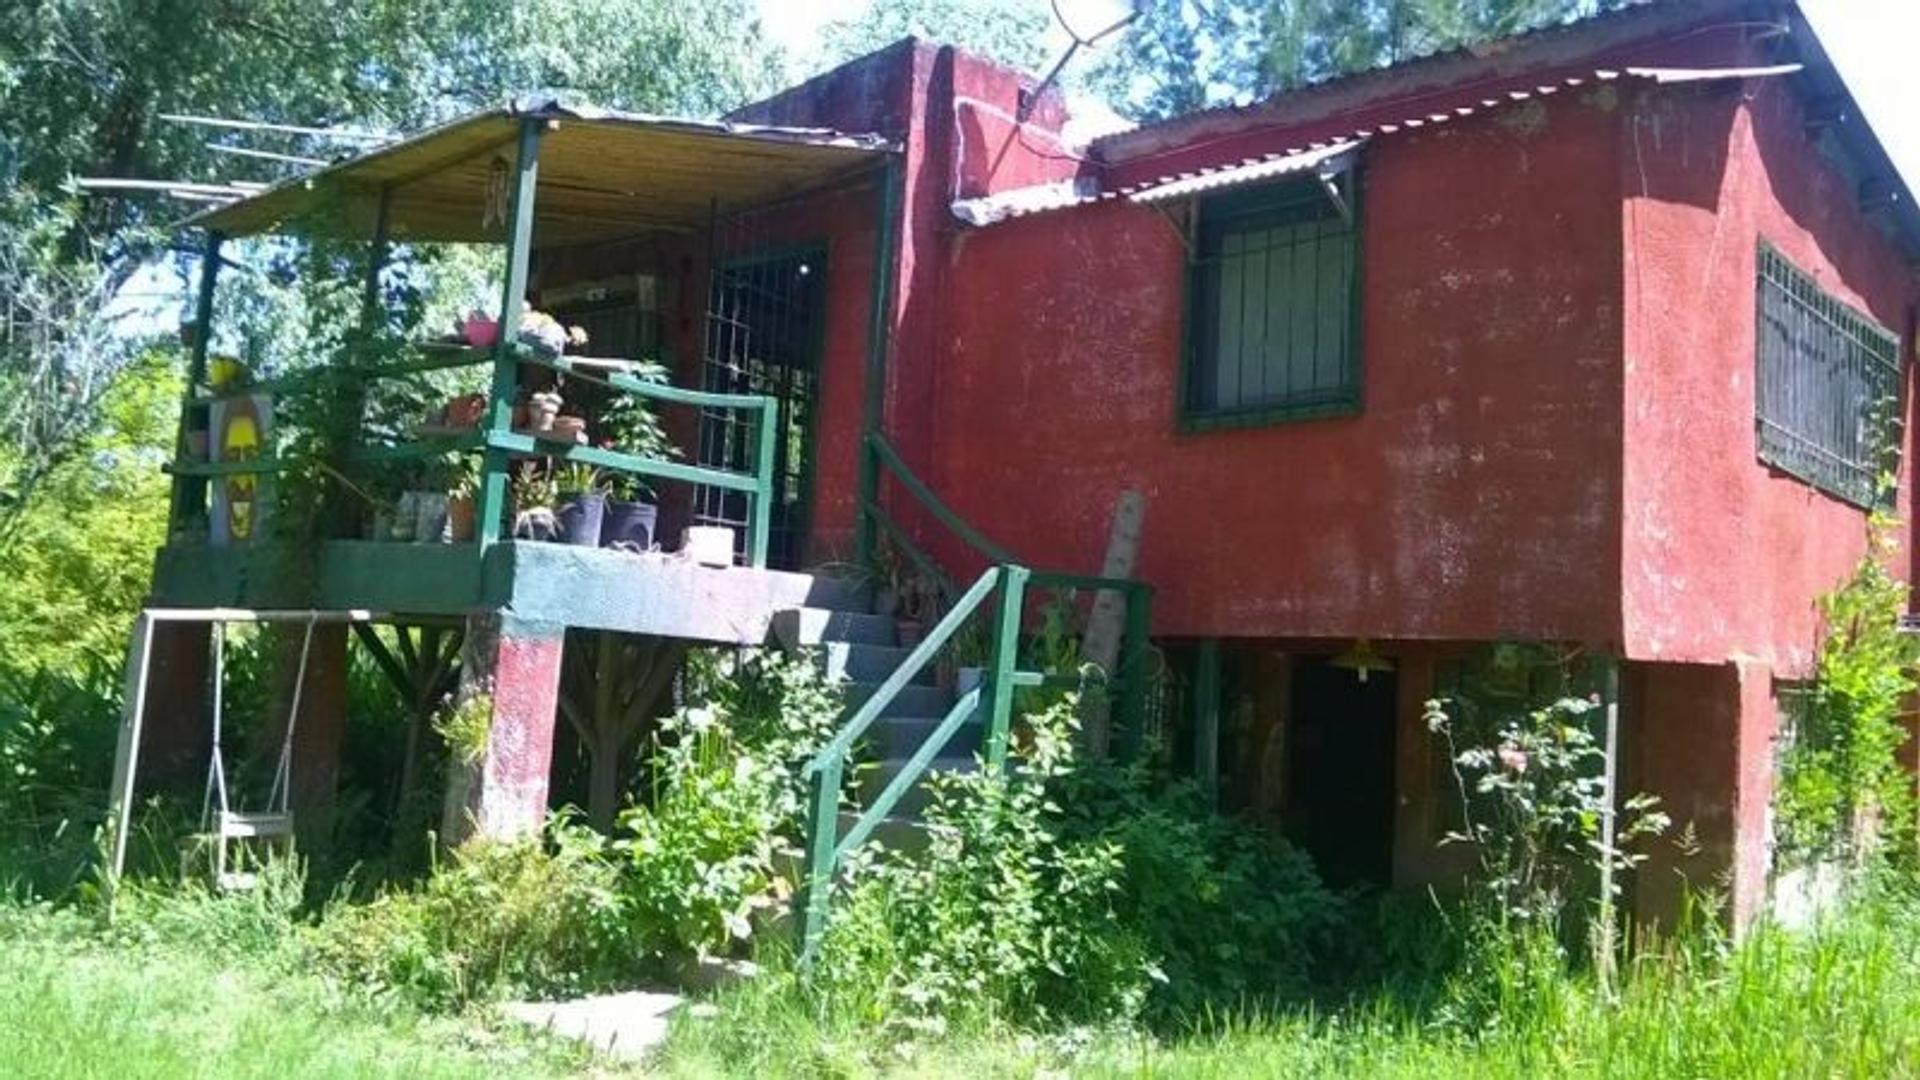 XINTEL(MBG-MBG-35) Casa - Venta - Argentina, Tigre